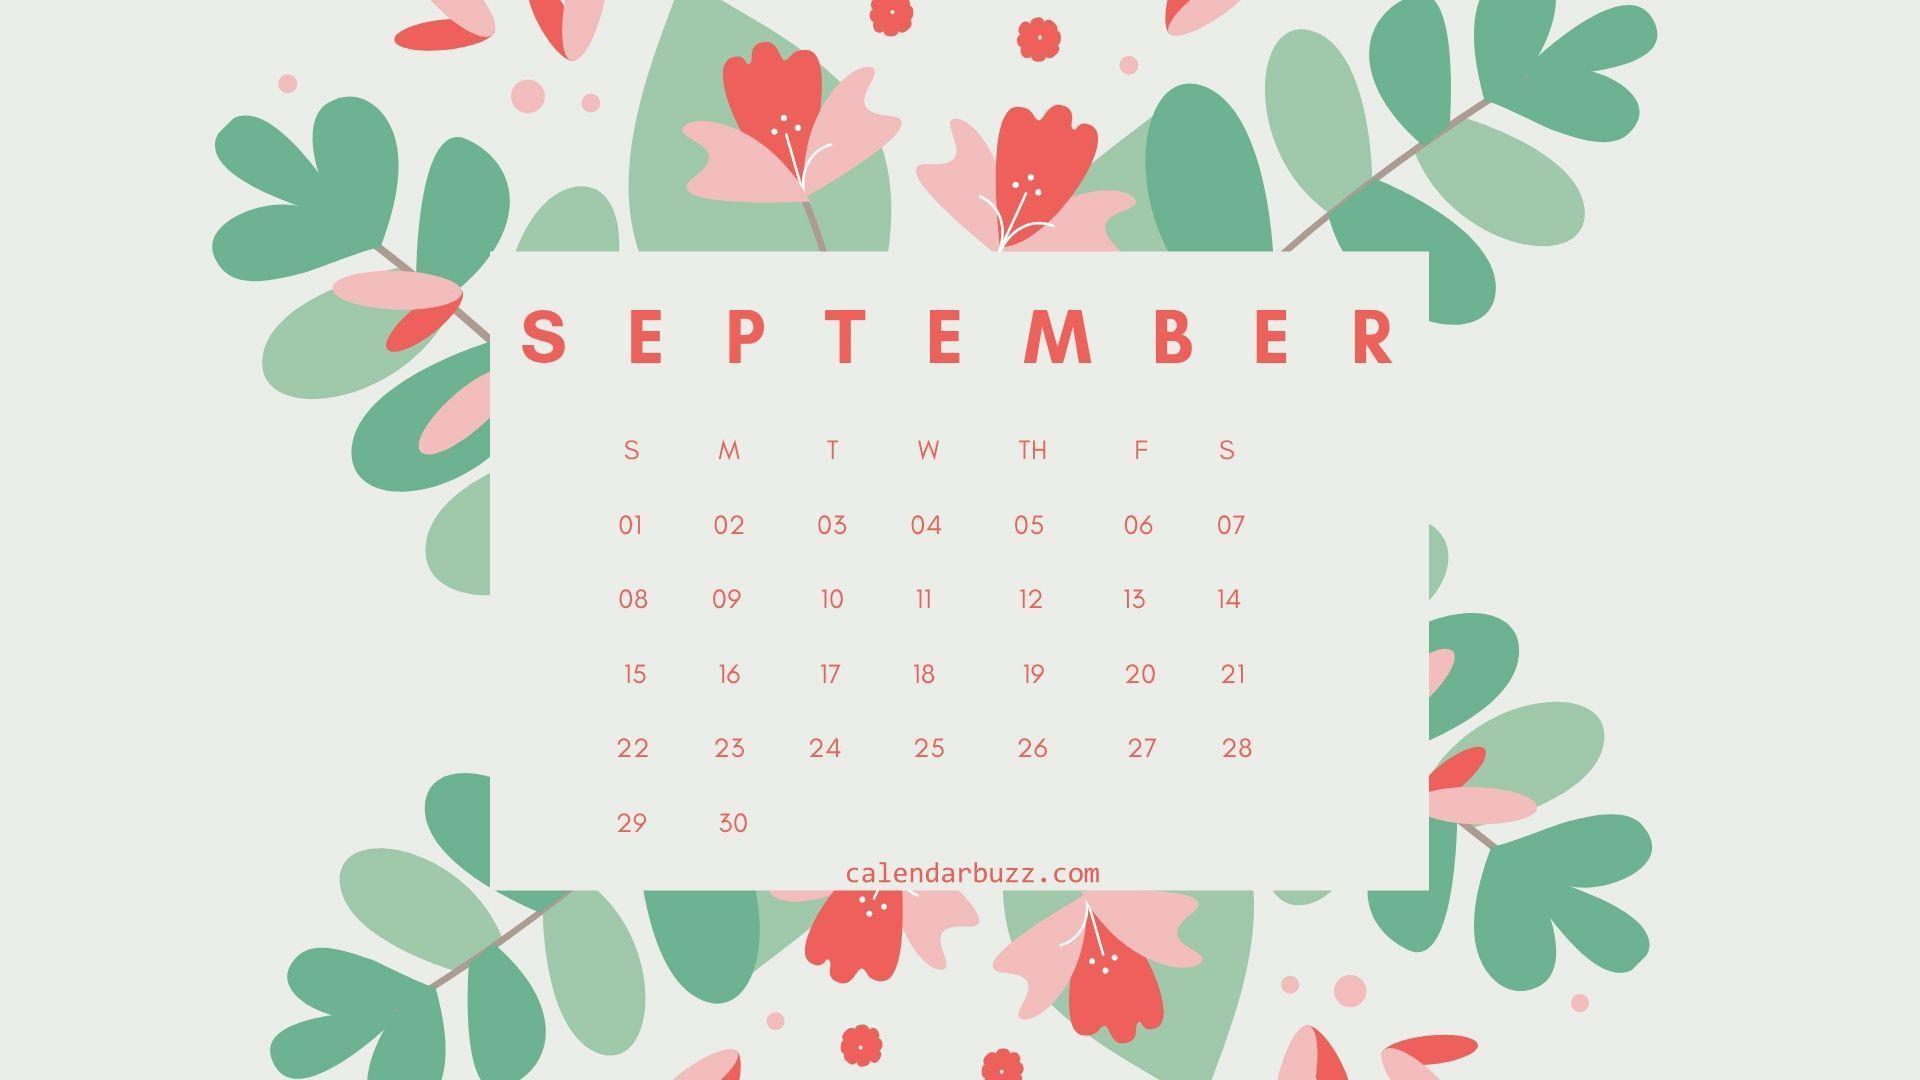 September 2019 Flower Calendar Wallpaper 2019 Calendars In